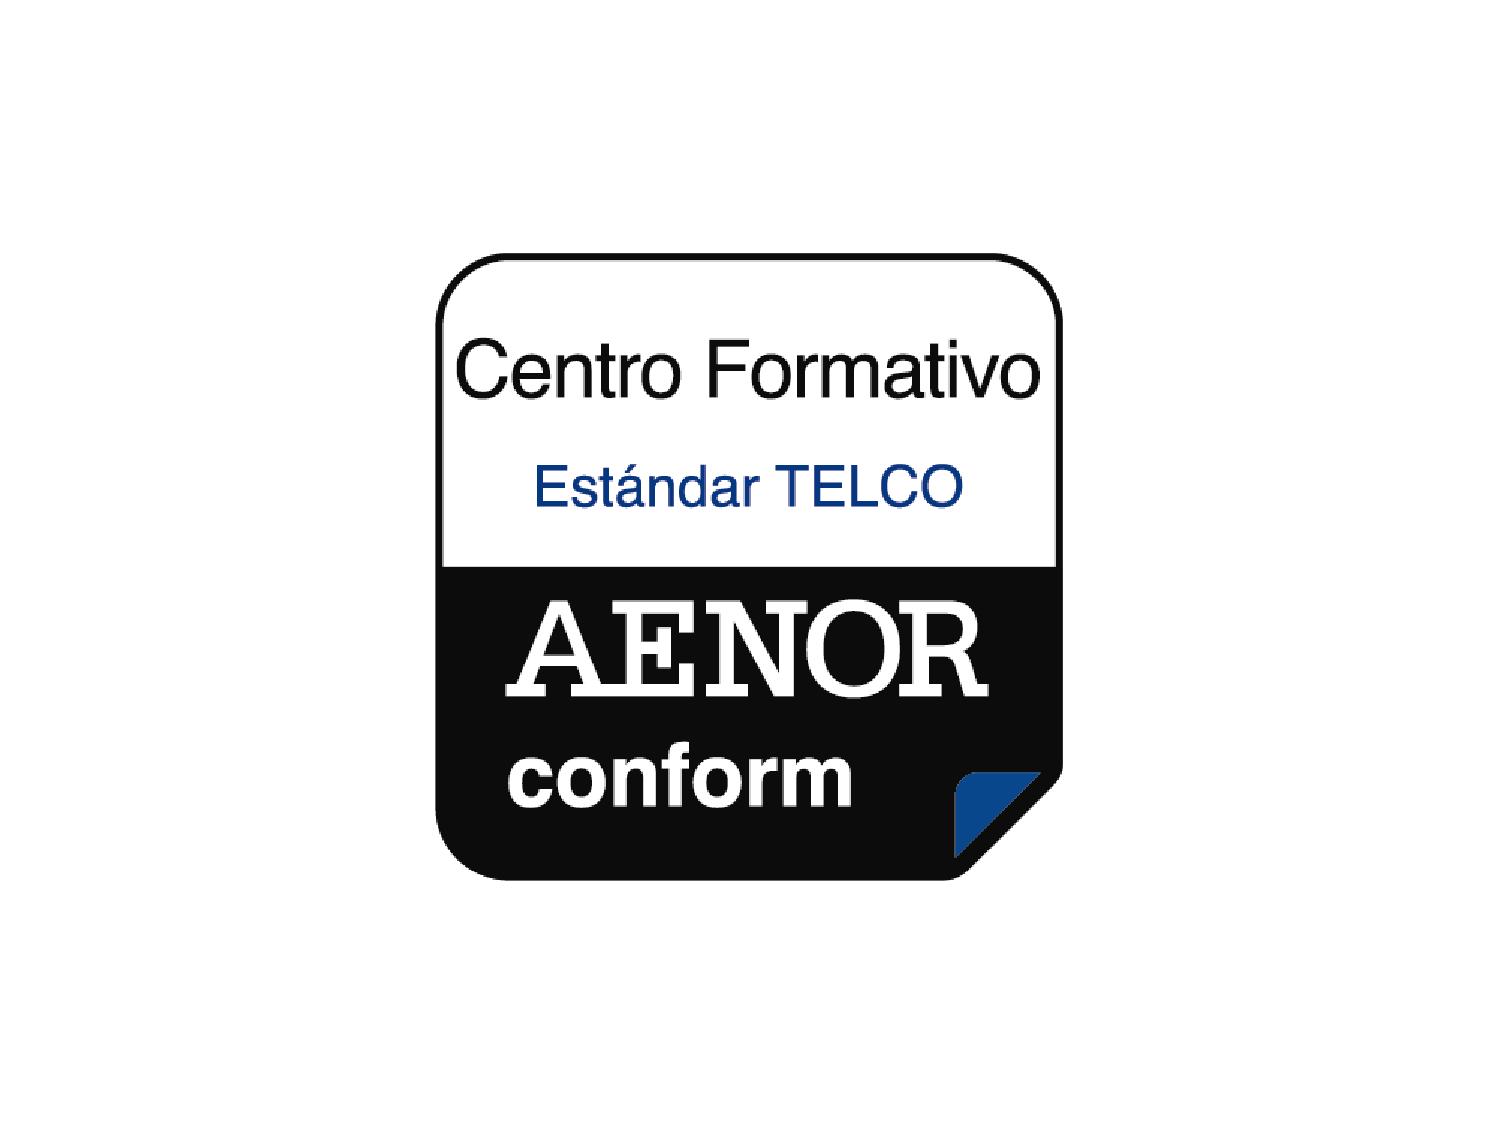 Centro Formativo TELCO